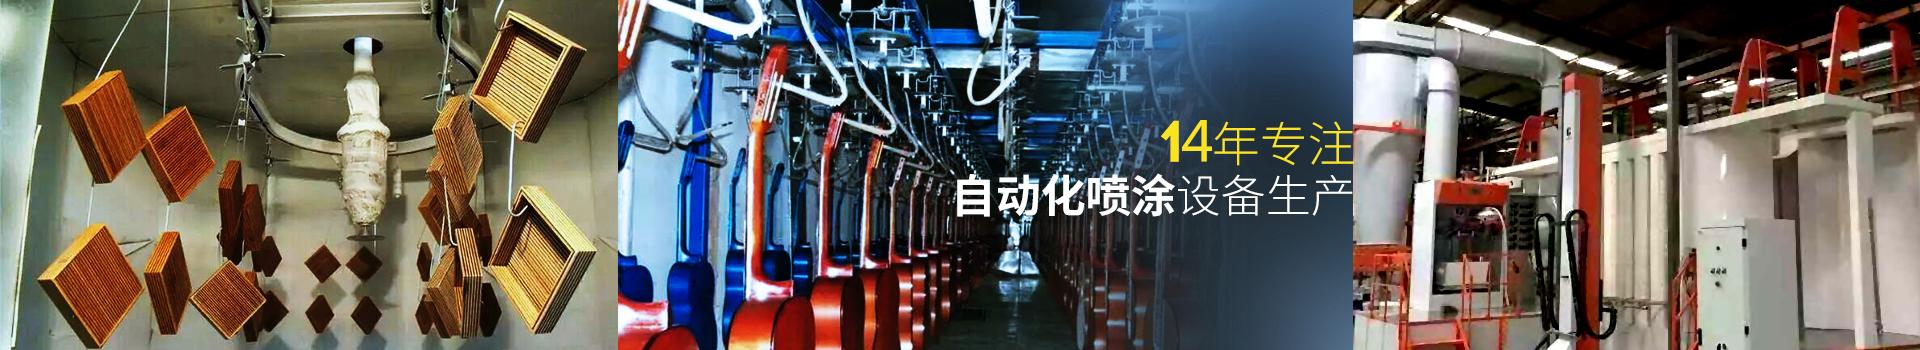 鹏鲲-14年专注自动化喷涂设备生产